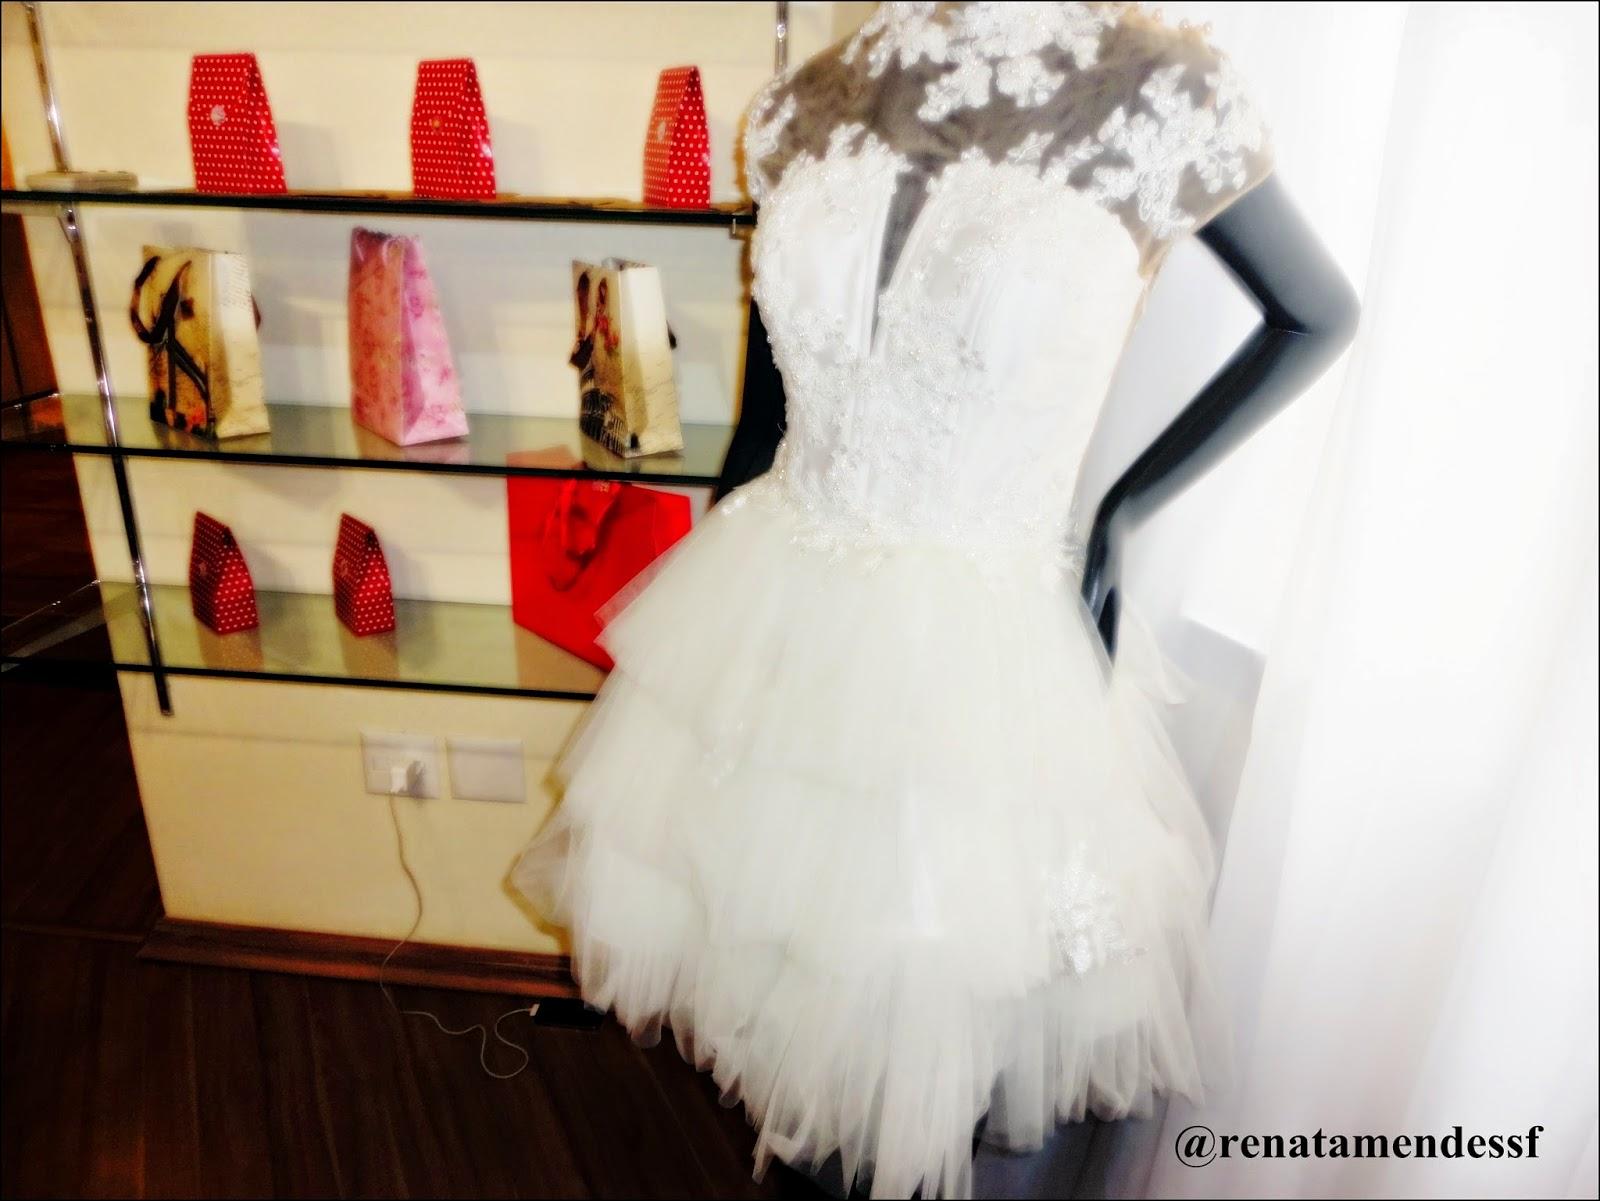 sorteios e vestido lindo